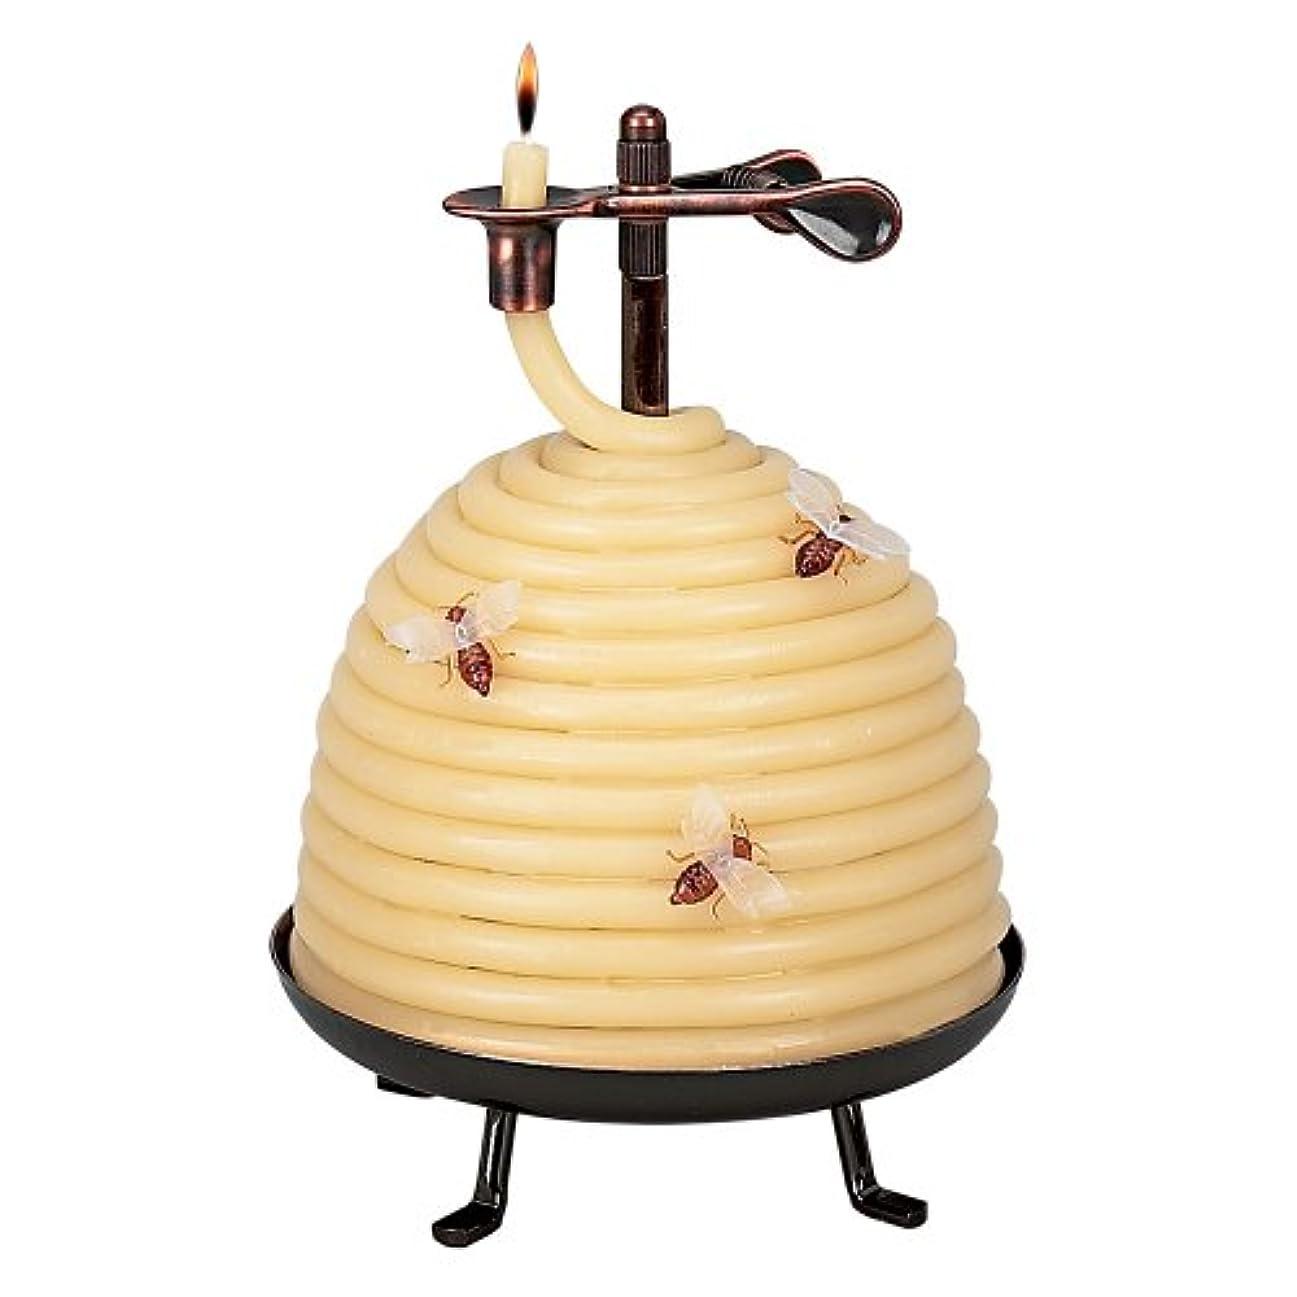 付添人書士地域のCandle By The Hour 20641B 70 Hour Beehive Coil Candle